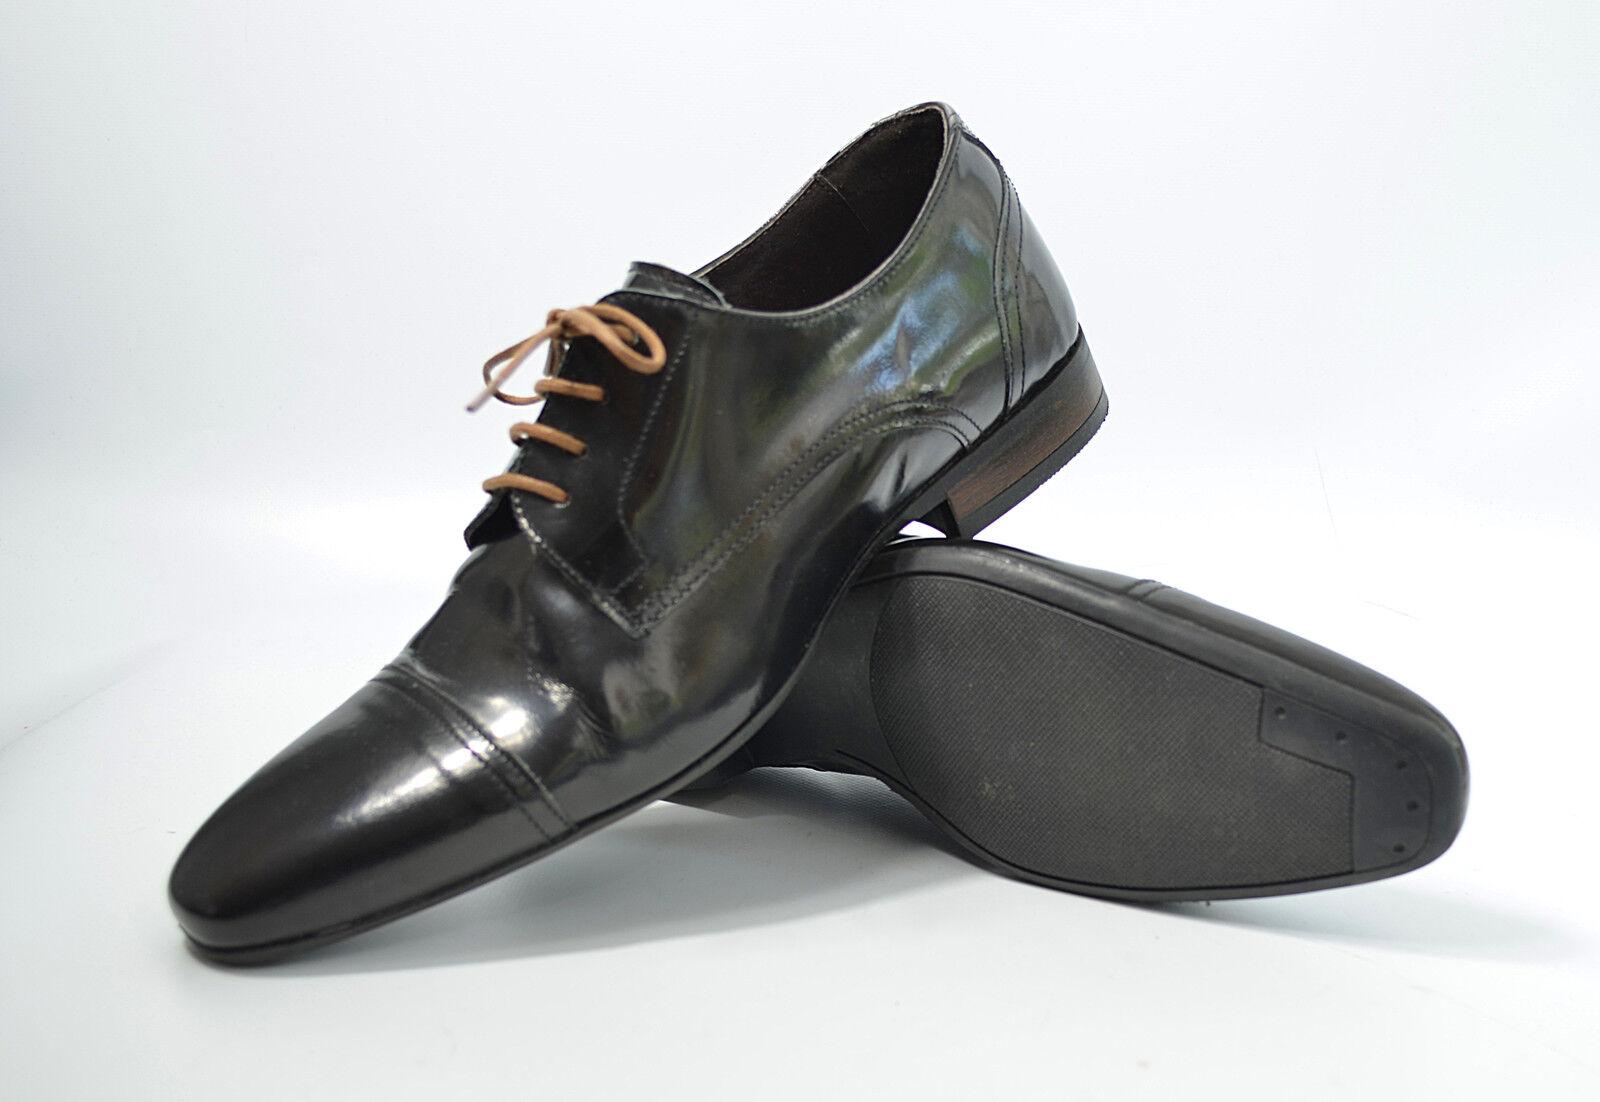 SAN MARINA Halbschuhe Serapo Gr. 41 Leder, UVP 90 Herren Schuhe (V1) 05/17  M3